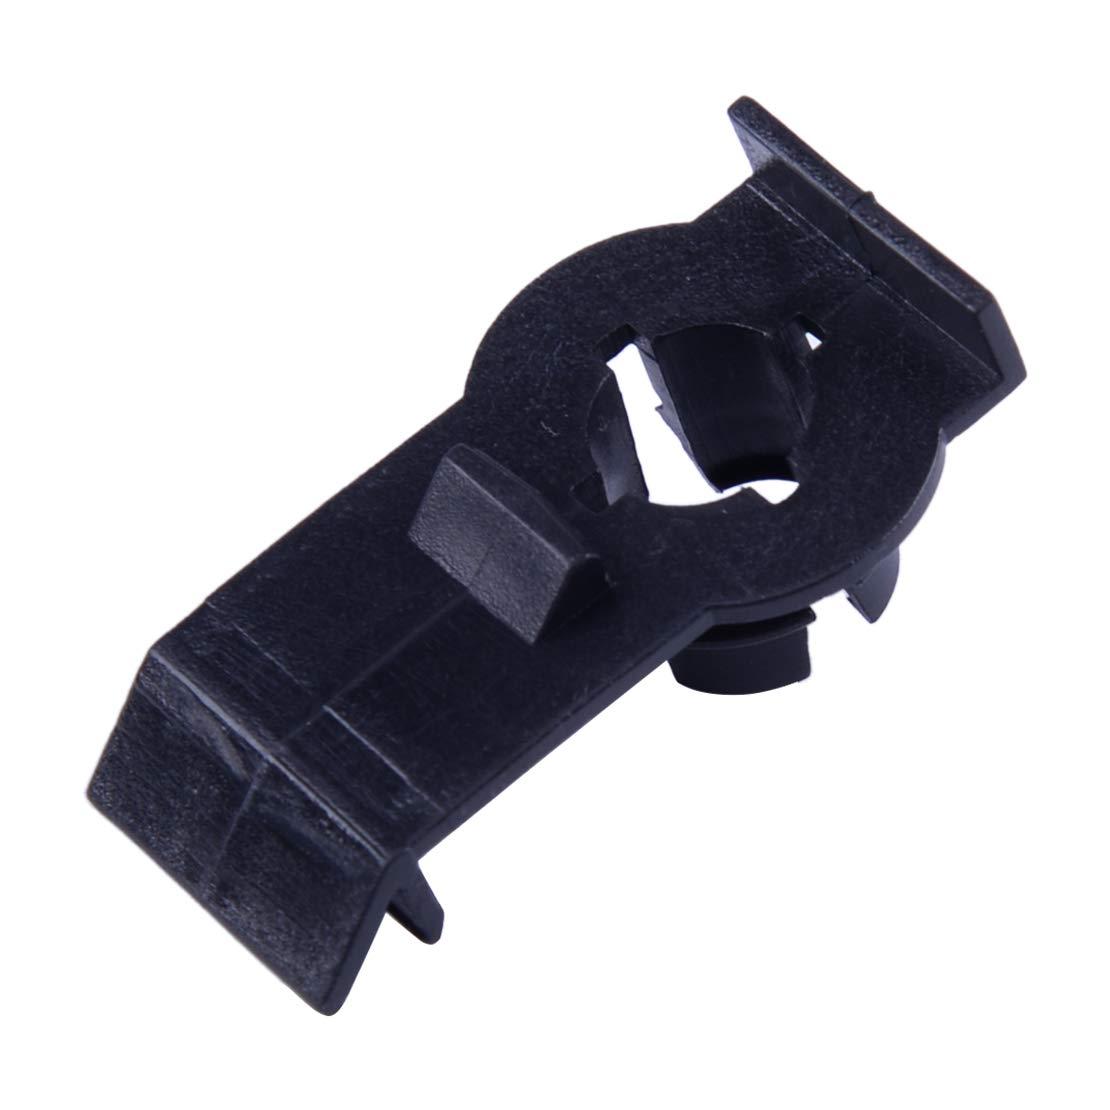 beler 4pcs clips de guide de fixation de r/égulateur de fen/être avant gauche et droite